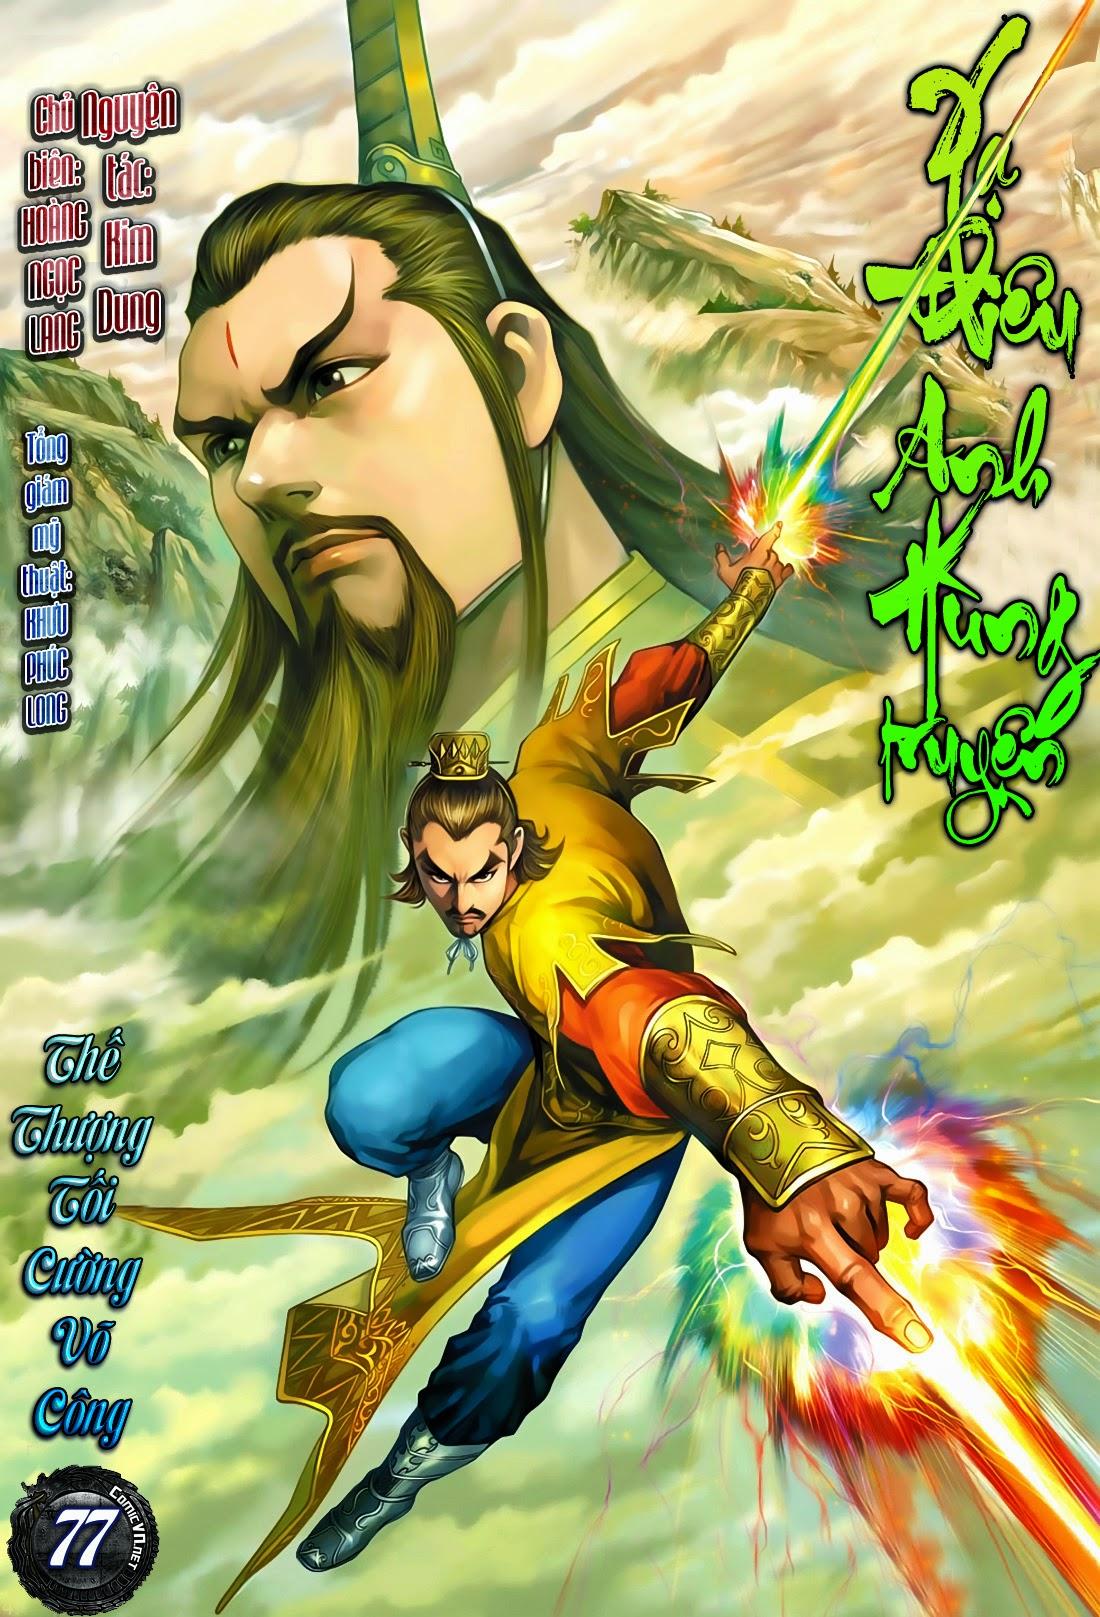 Anh Hùng Xạ Điêu anh hùng xạ đêu chap 77: thế thượng tối cường võ công trang 1